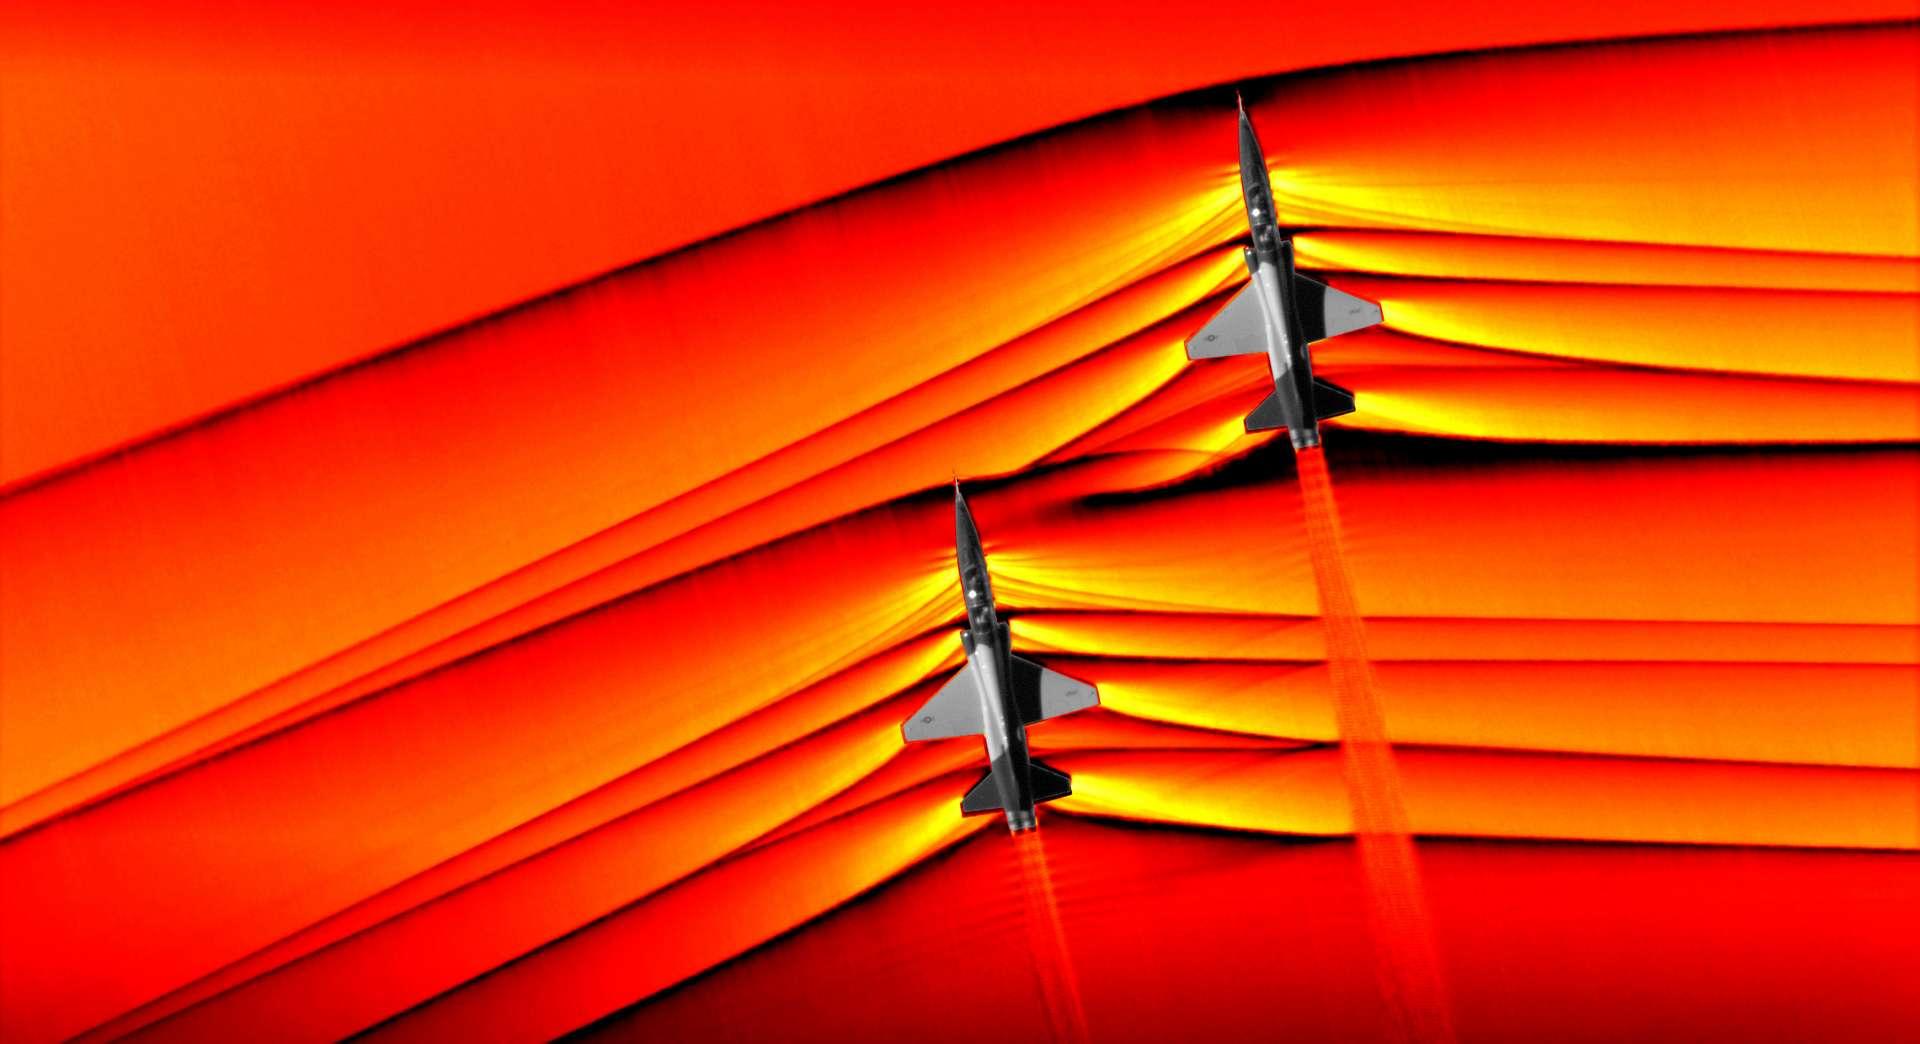 Photo diffusée par la NASA le 5 mars 2019 montrant deux appareils T-38 volant en formation à une vitesse supersonique. © HO - Nasa/AFP